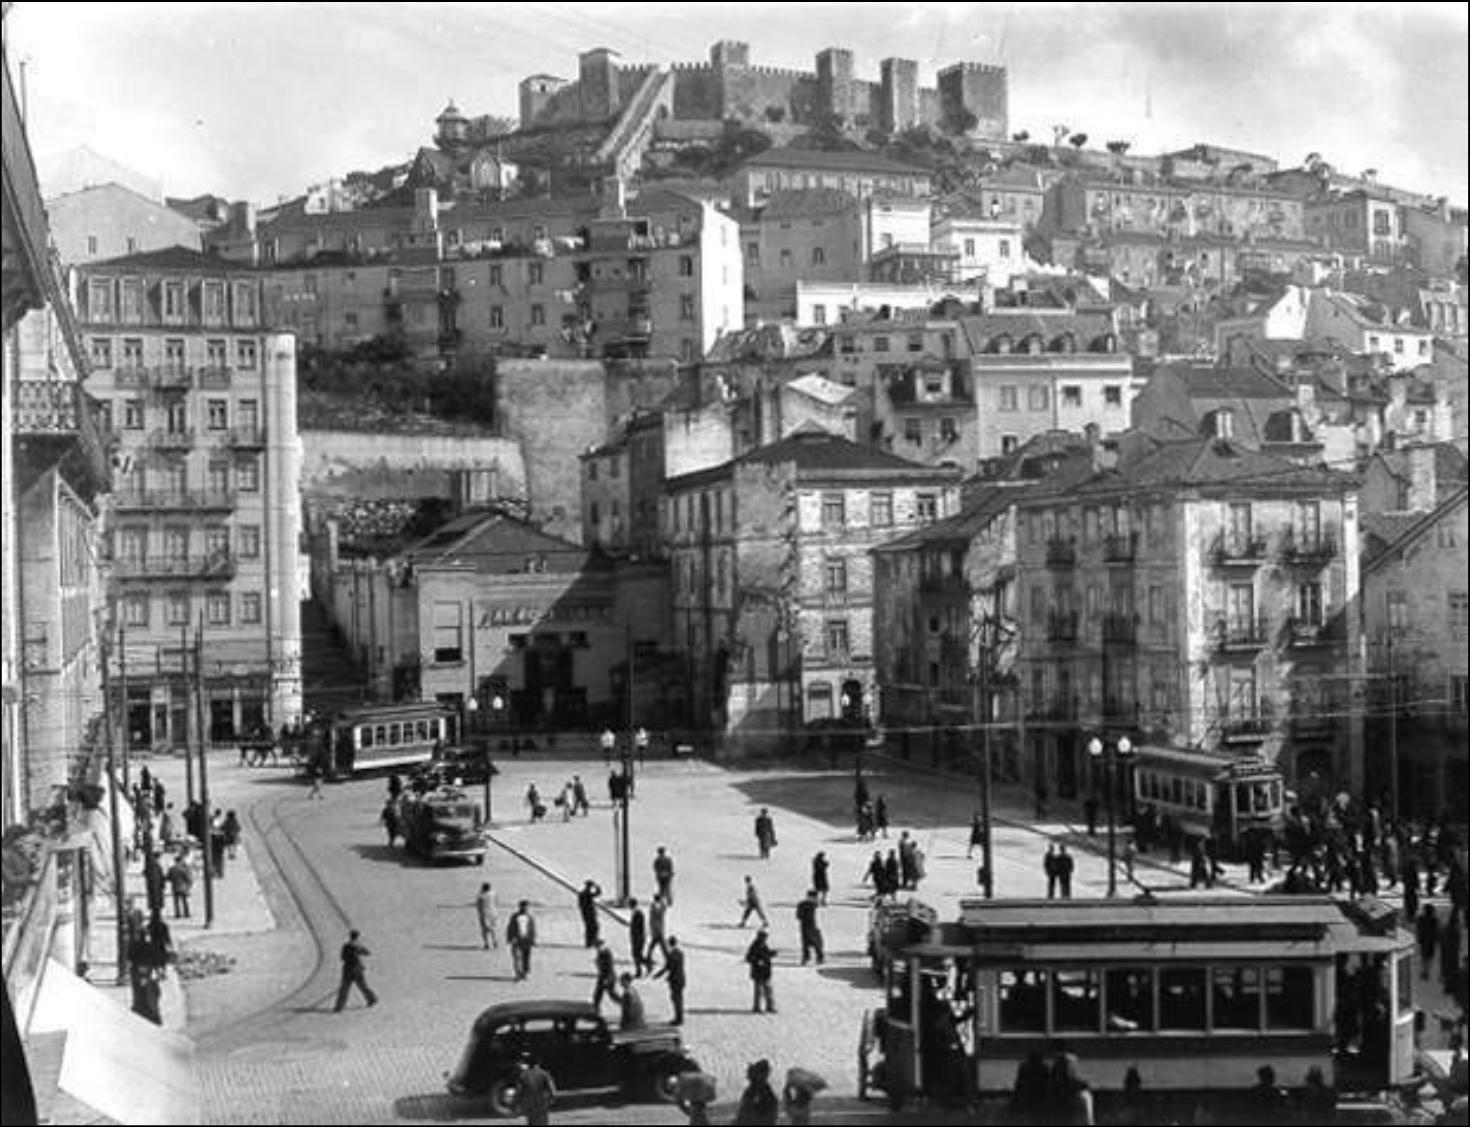 Martim_moniz_1946.jpg (1470×1127)